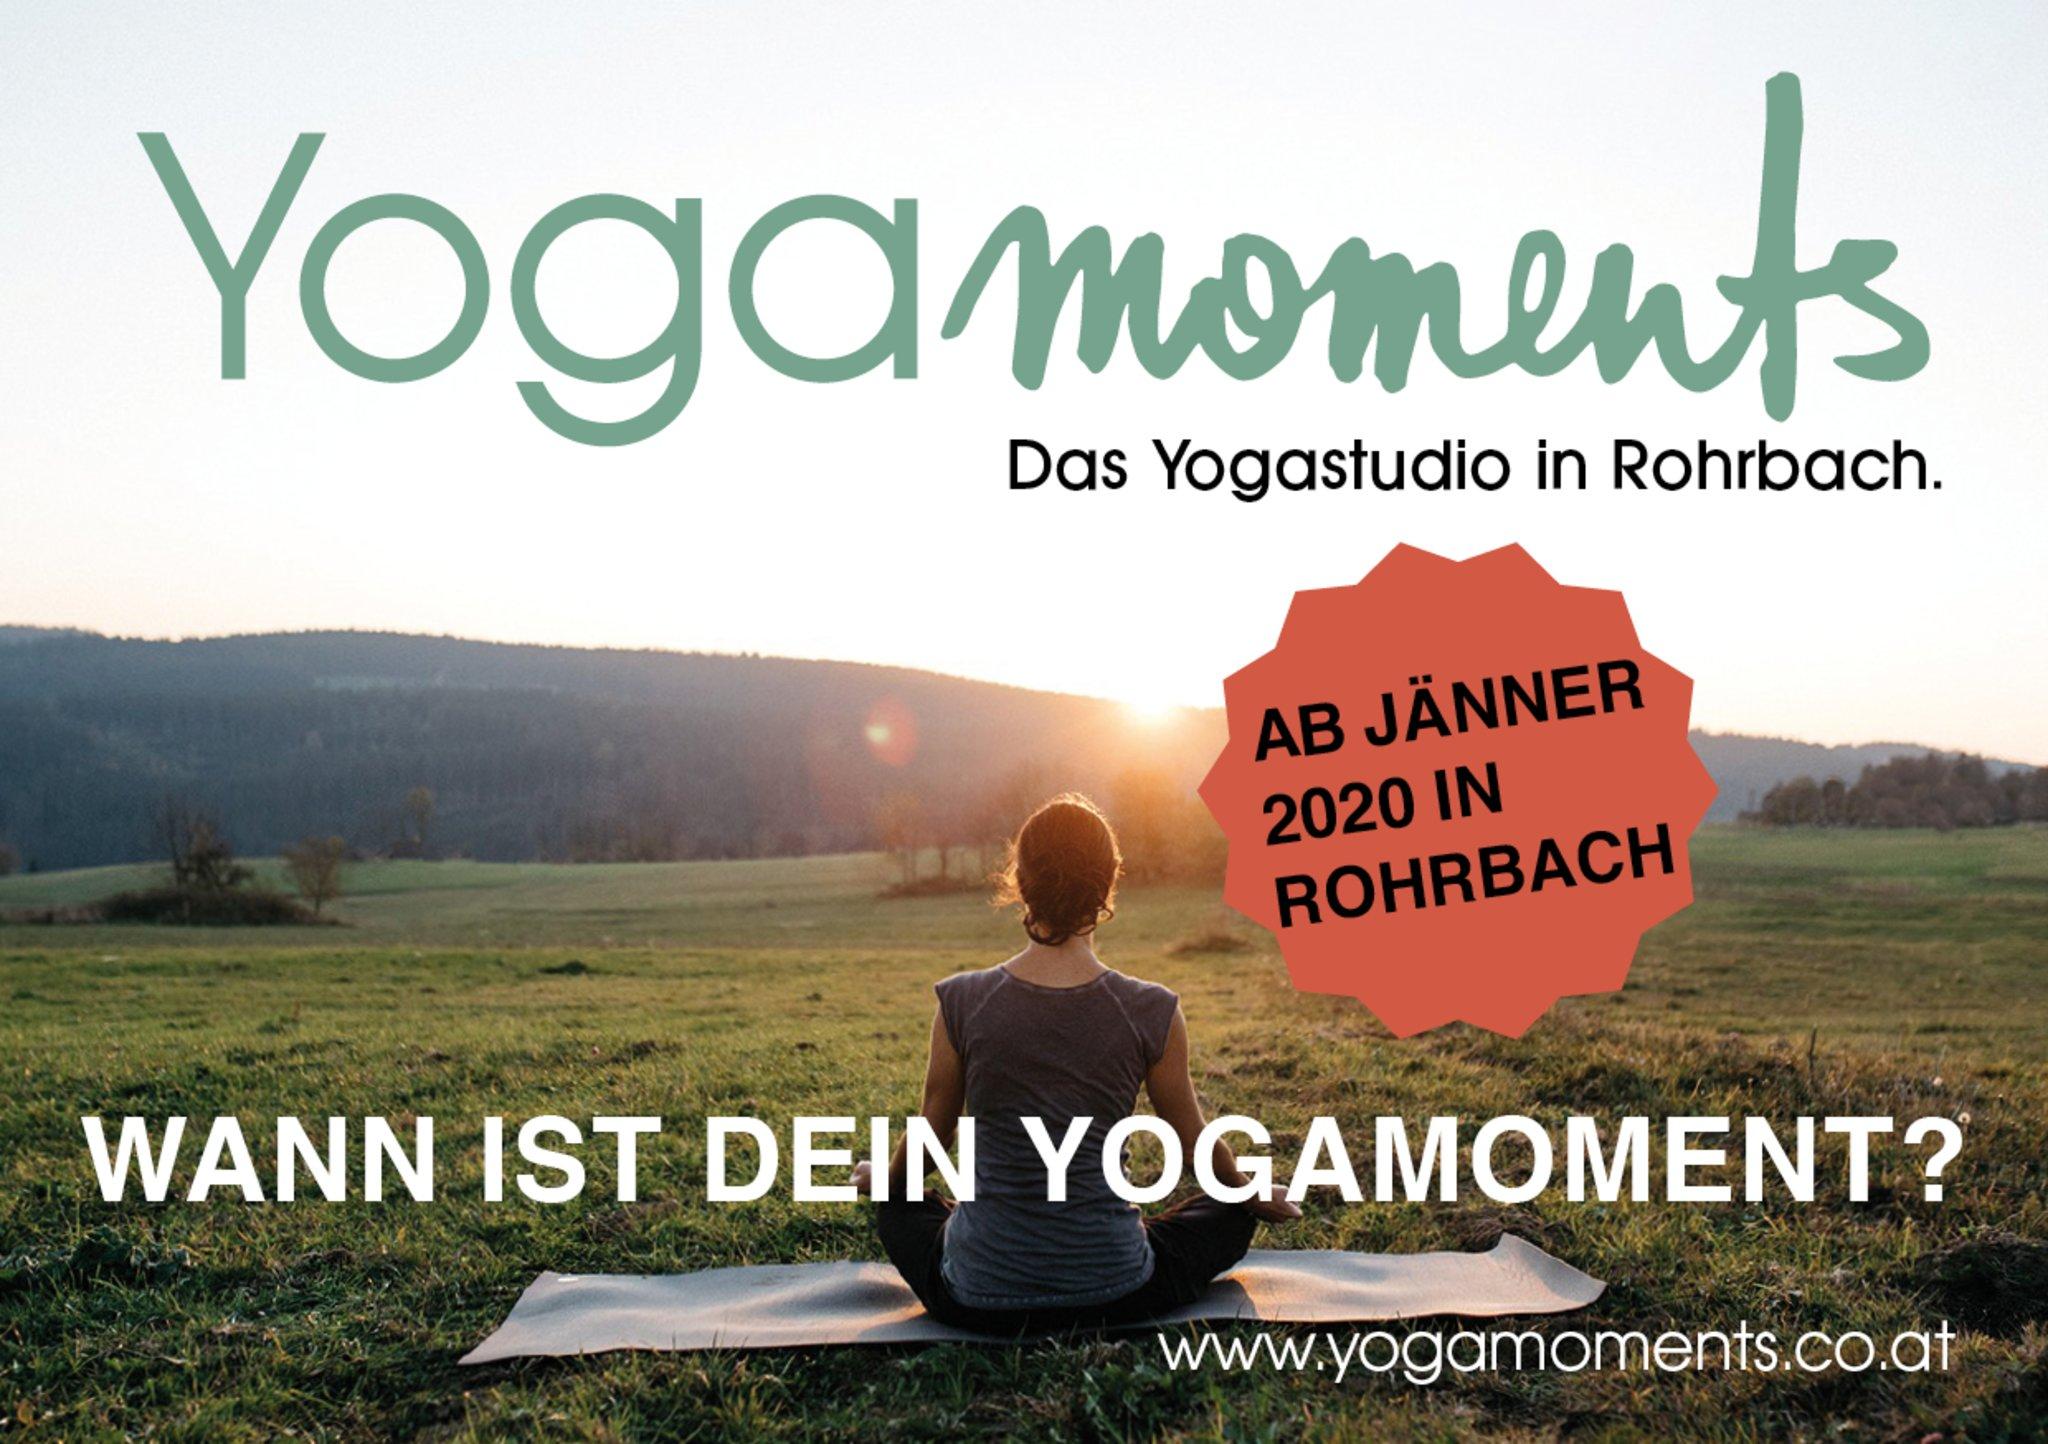 Eroffnung In Rohrbach Berg Yoga Ist Eine Lebenseinstellung Rohrbach